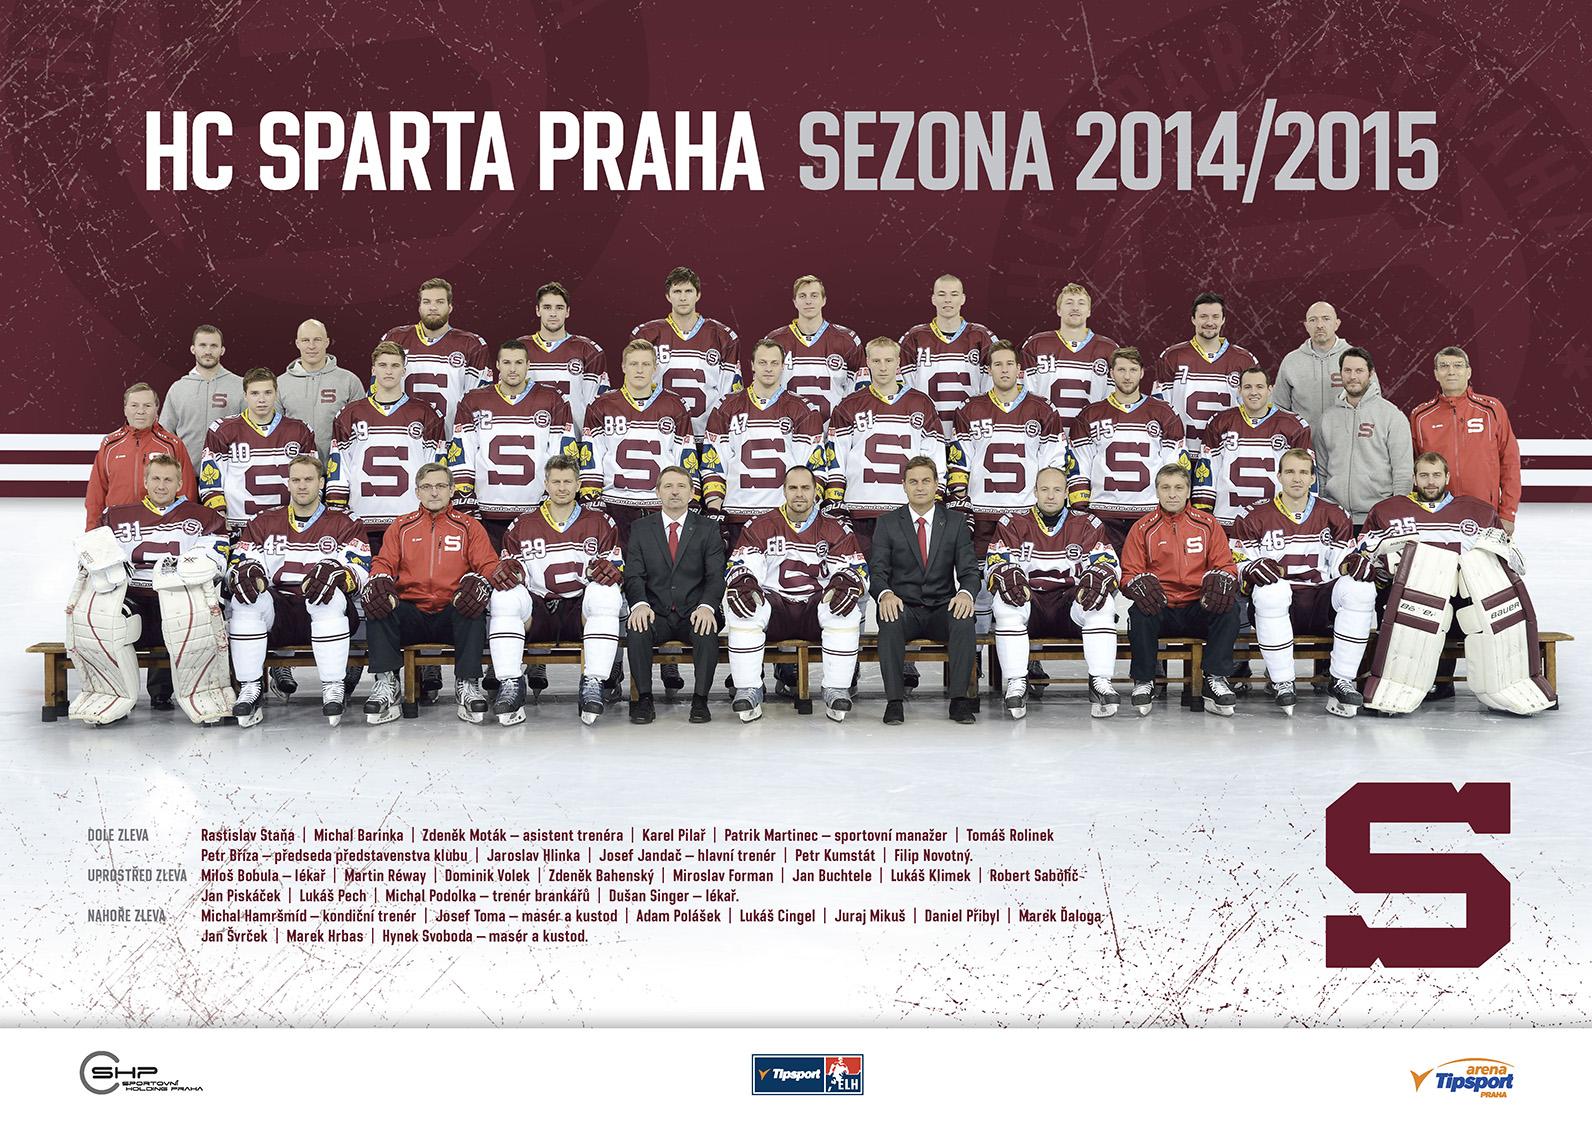 Sparta v sezone 2014/2015